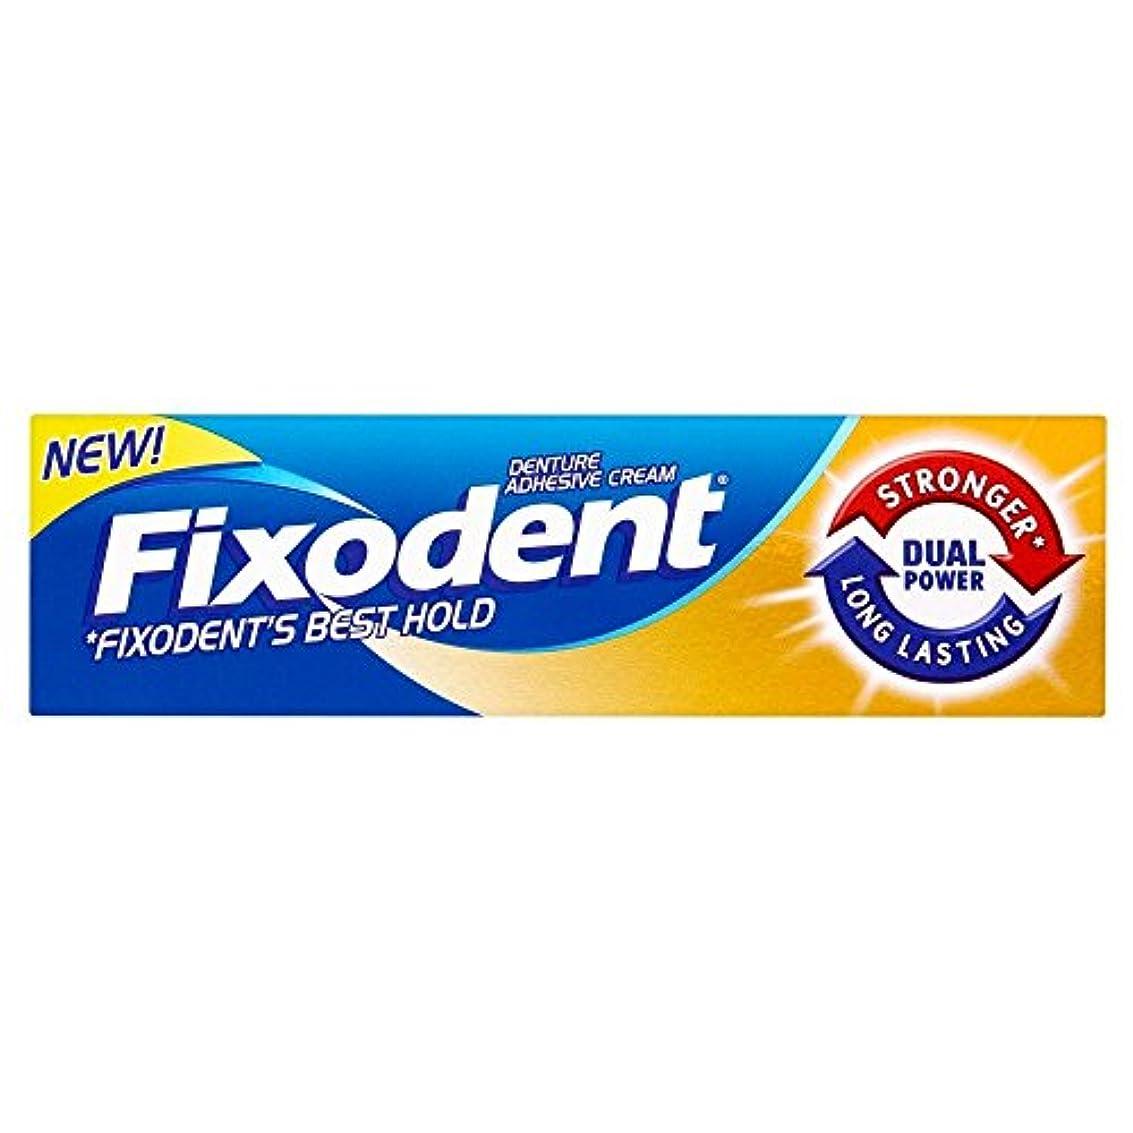 条件付き降臨連続的Fixodent Denture Adhesive Cream Dual Power (35ml) Fixodent義歯接着剤クリームデュアルパワー( 35ミリリットル) [並行輸入品]